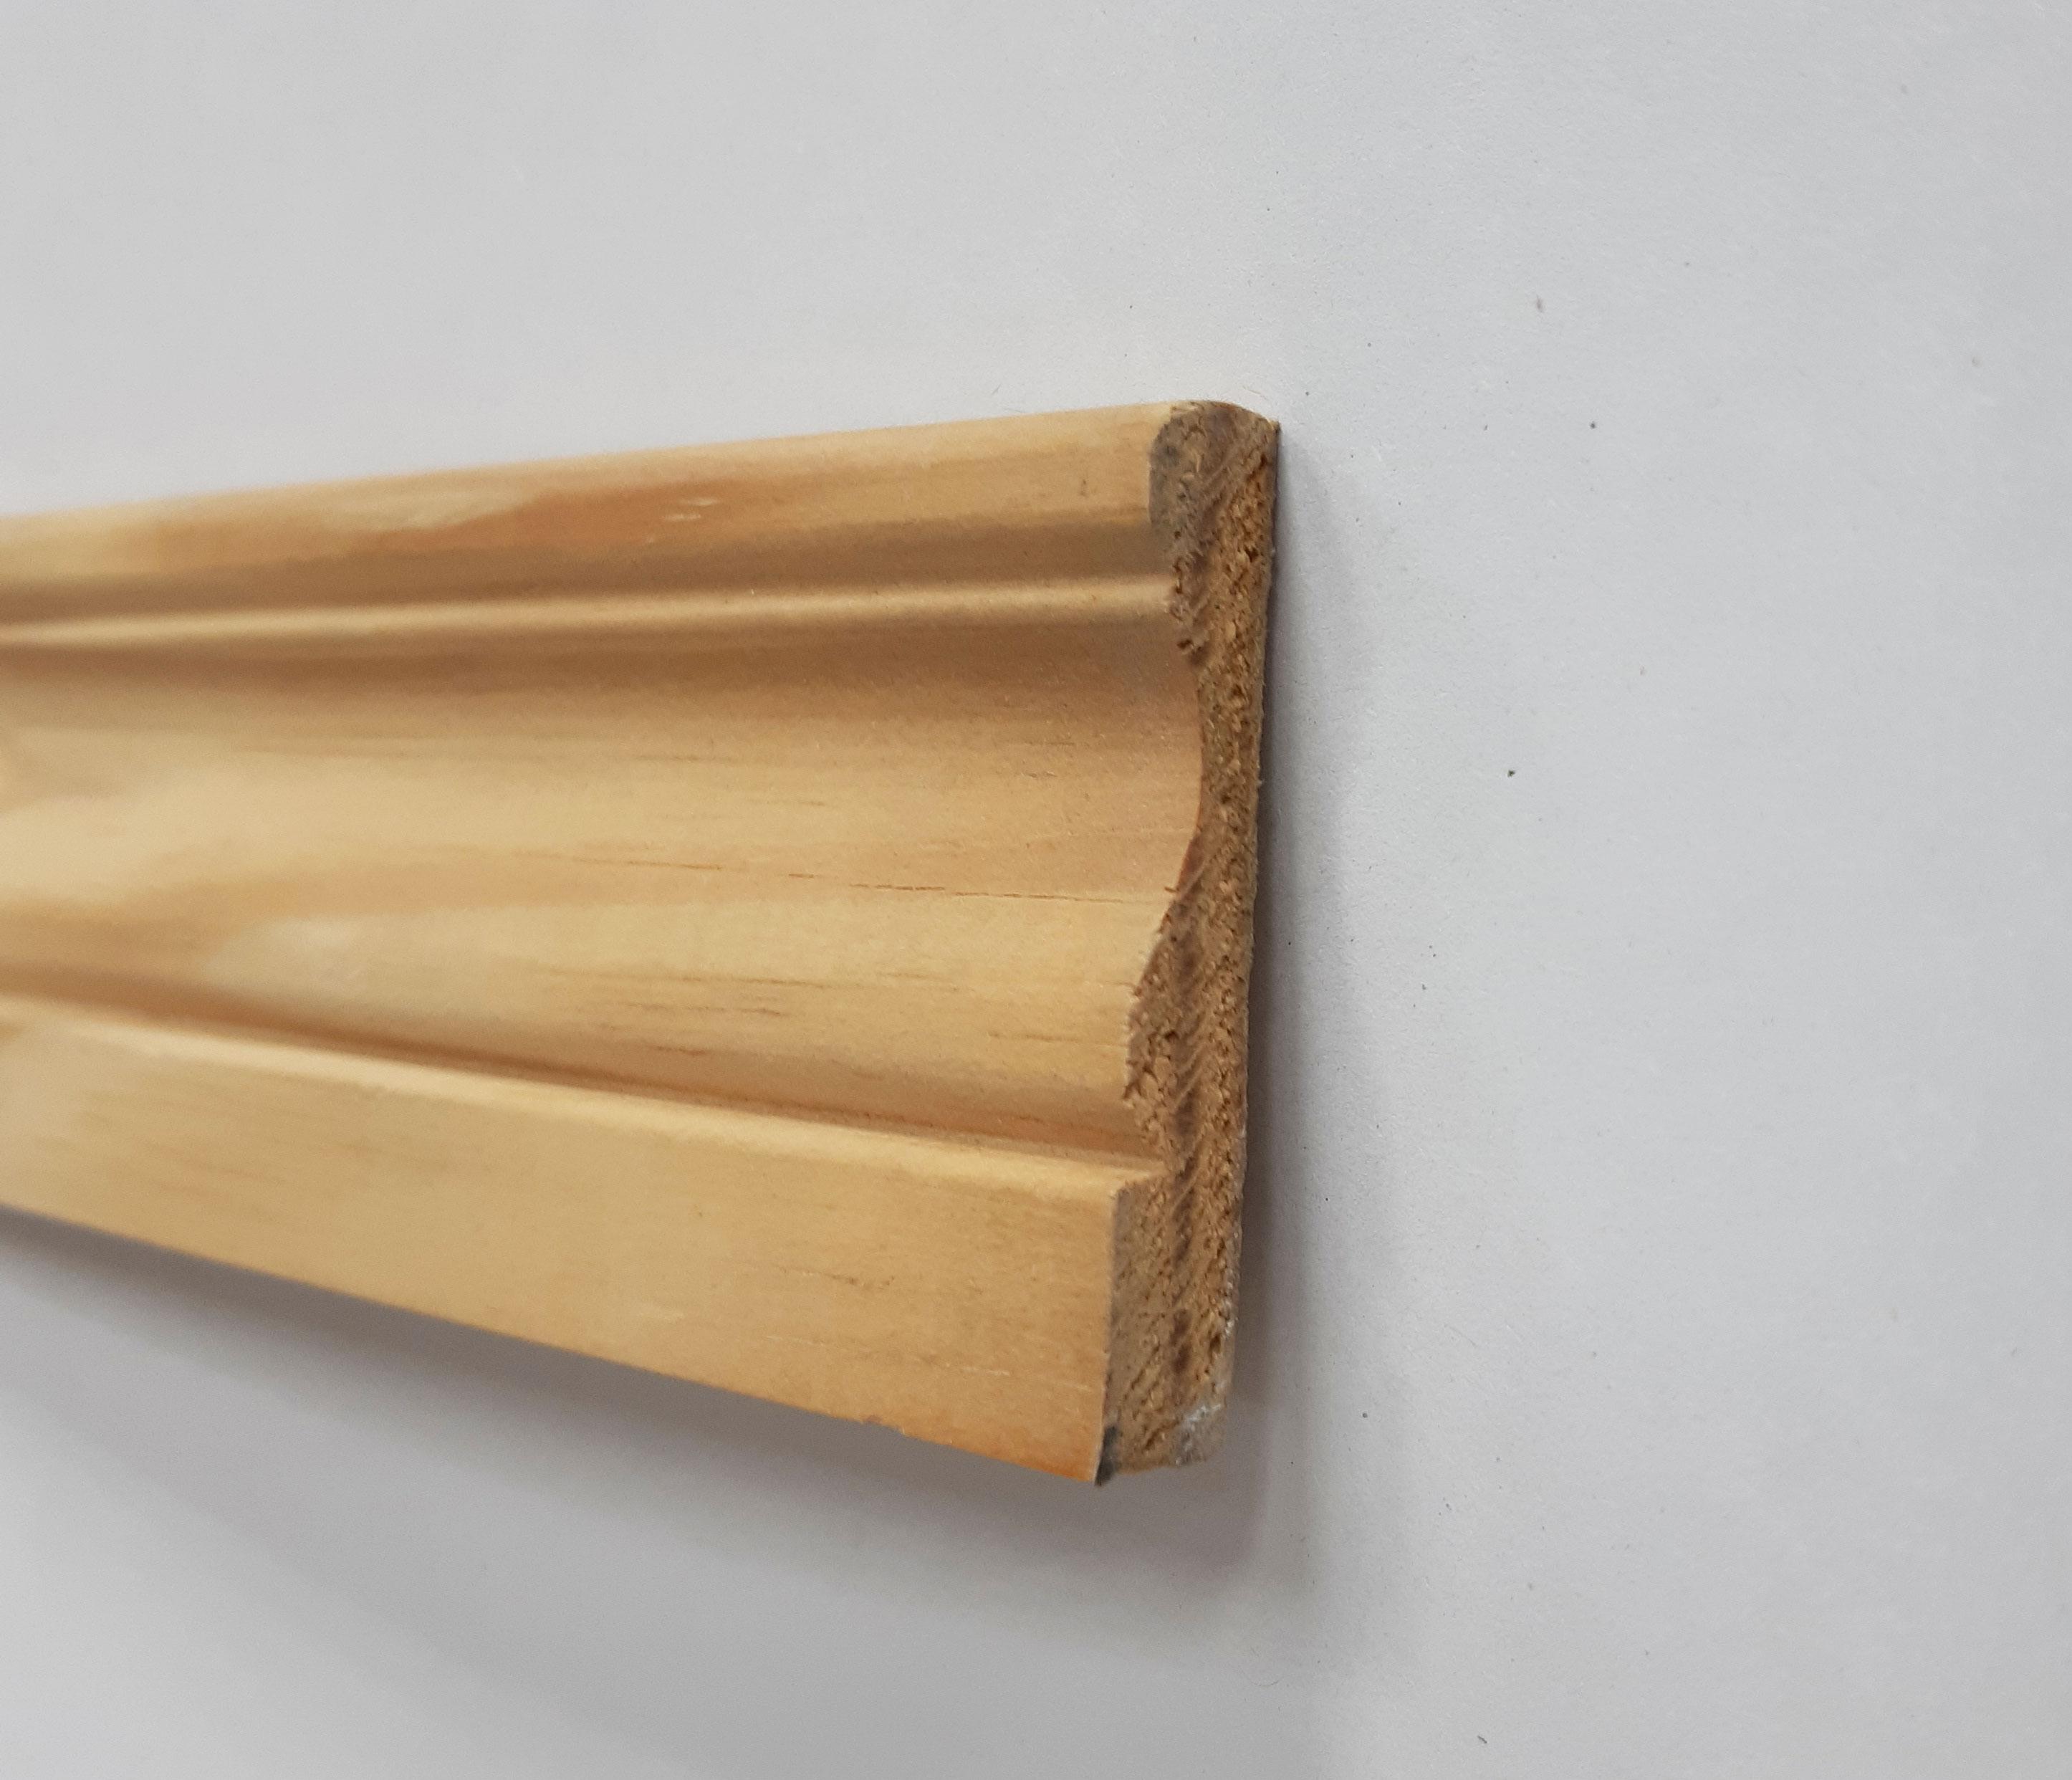 Plinthe de haute qualite - Chambranle a doucine mouluree en pin des landes brut 9x48x2400